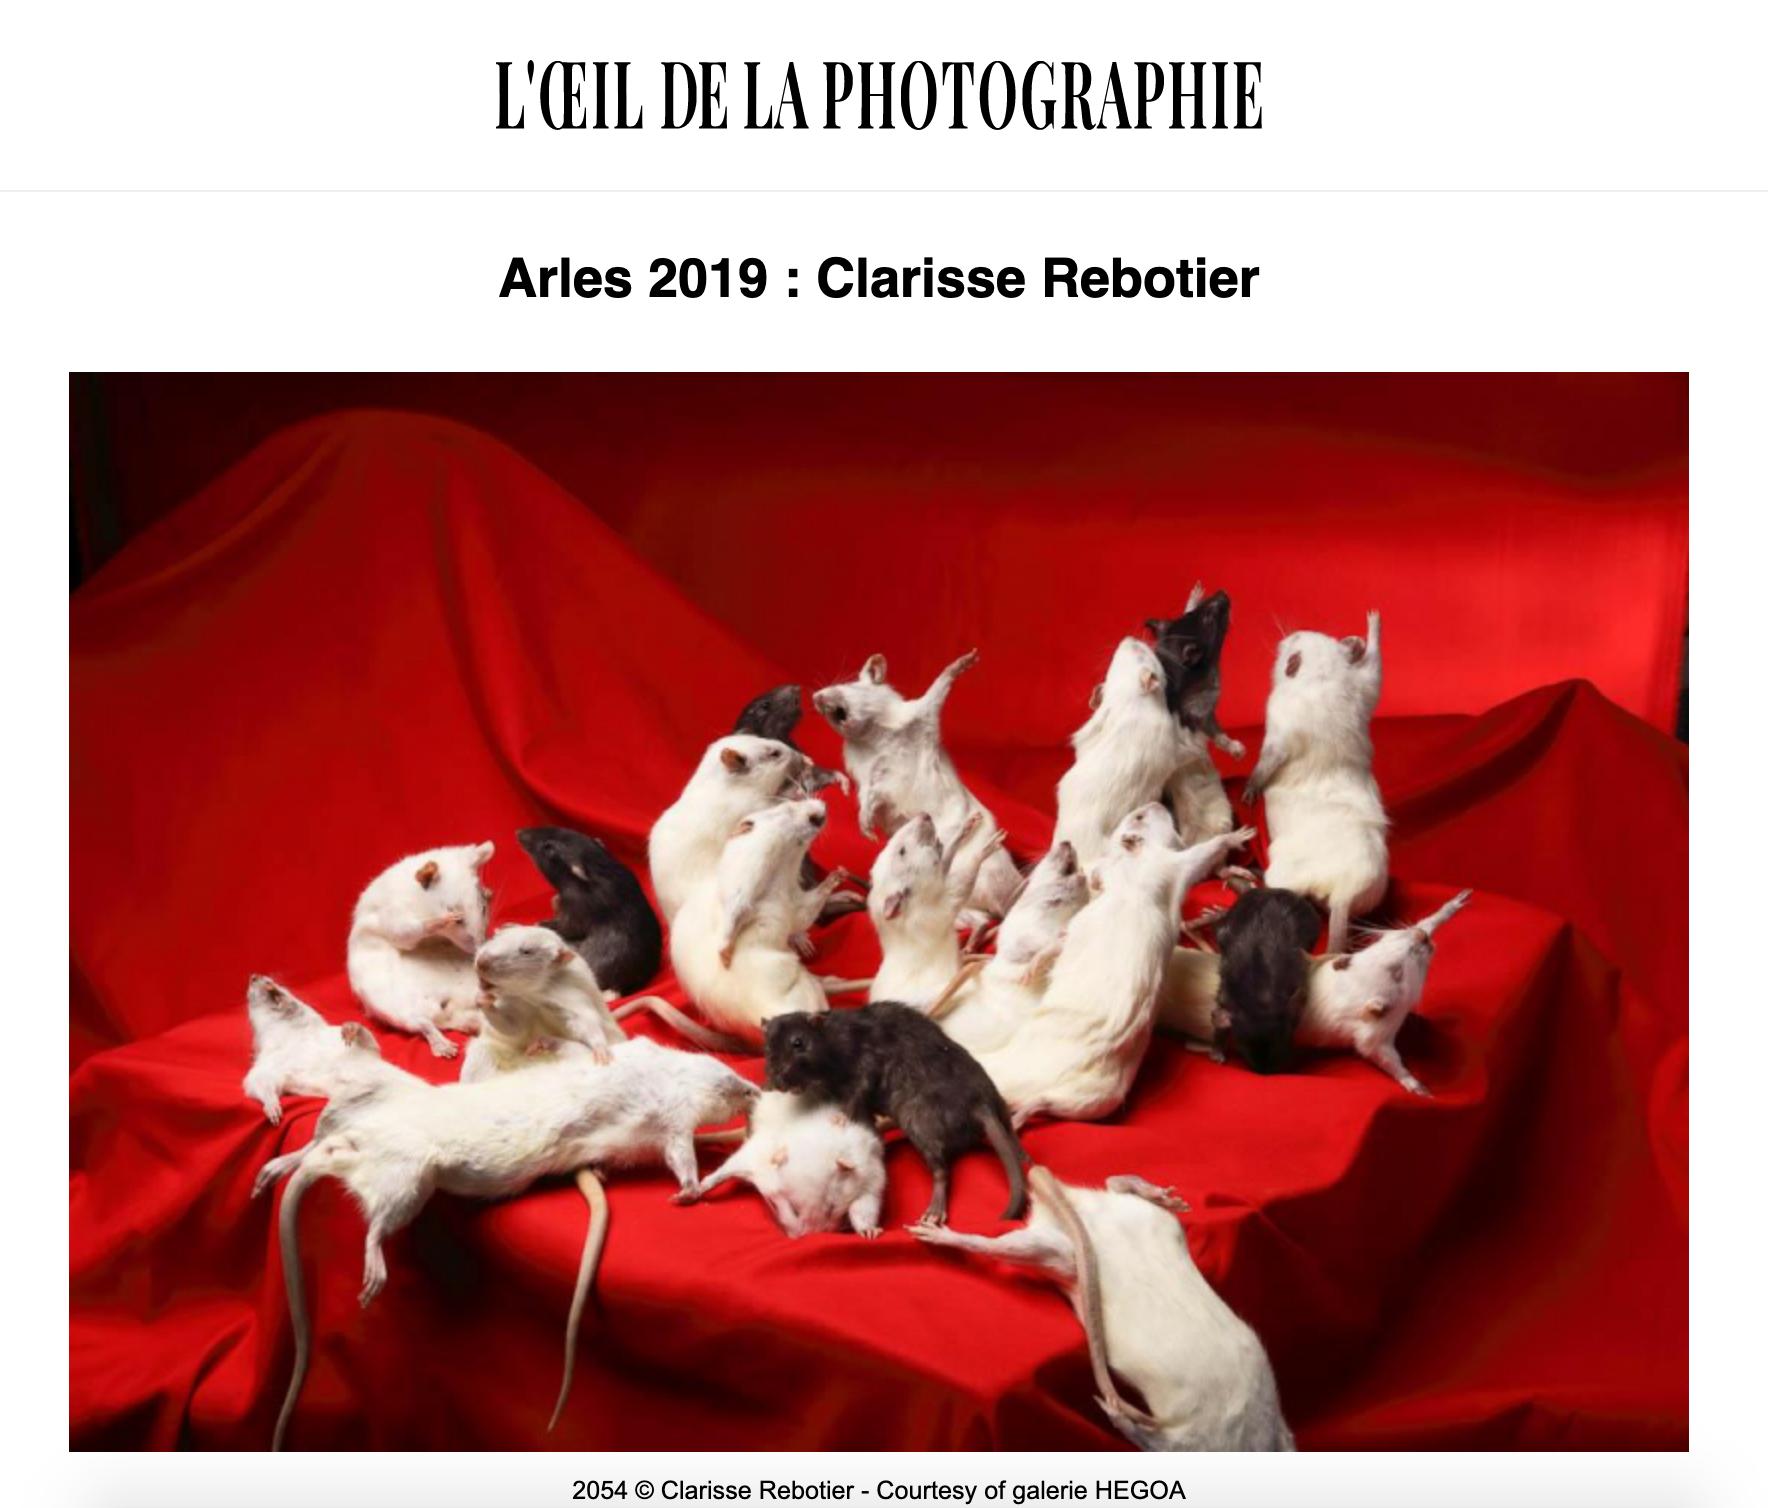 L'OEIL DE LA PHOTOGRAPHIE, 8 juillet 2019